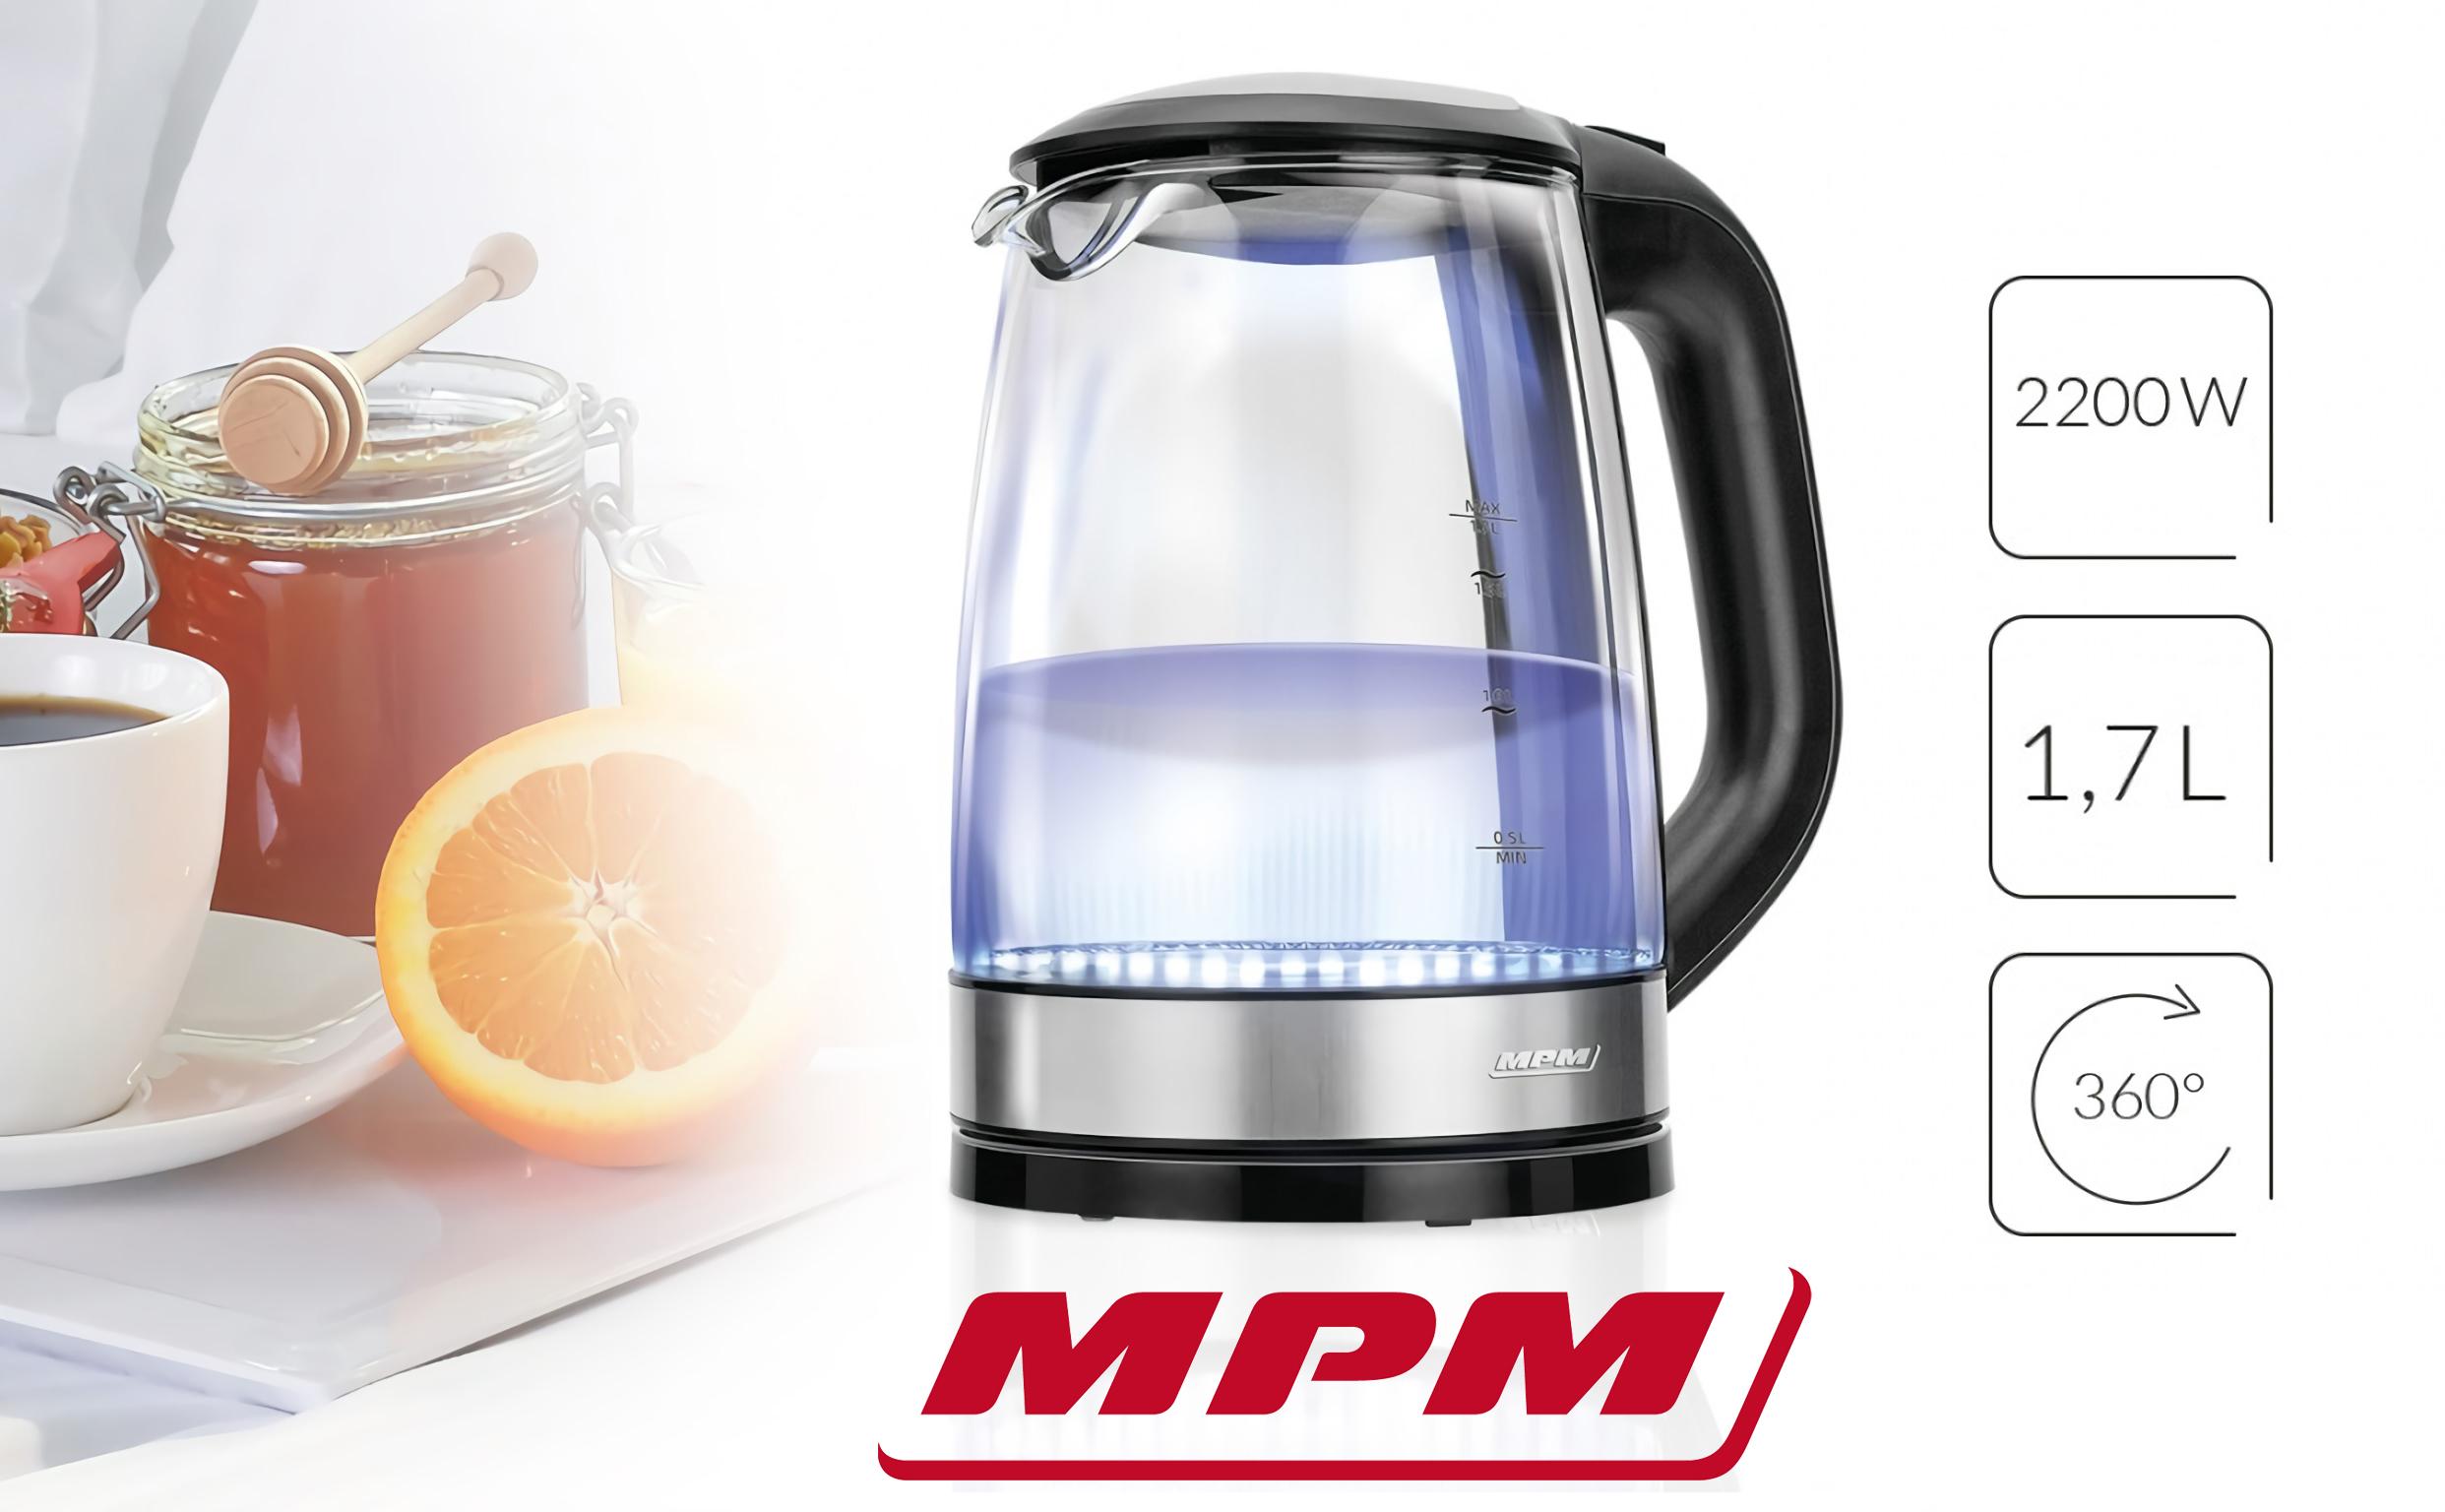 MPM MCZ-78 Hervidor de agua eléctrico cristal 1,7 litros, resistencia oculta, Iluminación LED, 2200 W con apagado automático al alcanzar la ebullición, inalámbrico 360º sin cable, Filtro Antical